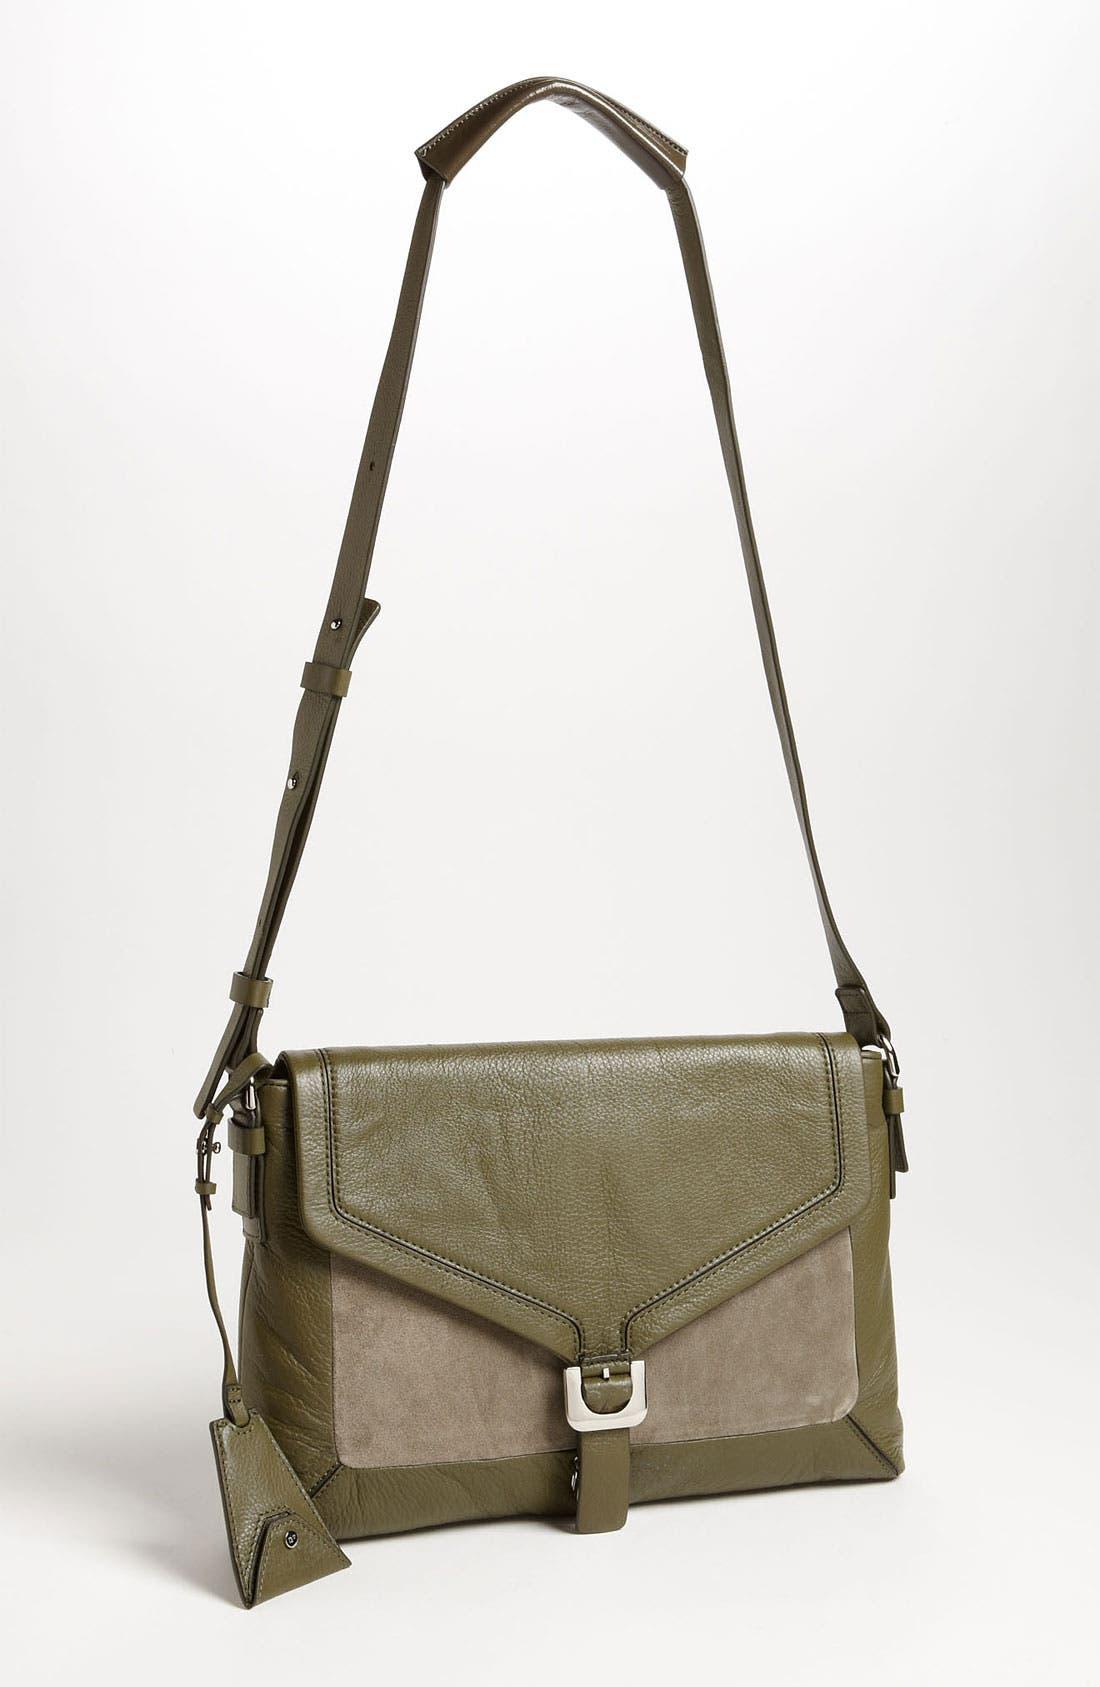 Alternate Image 1 Selected - Diane von Furstenberg 'Drew - Connect' Leather Shoulder Bag